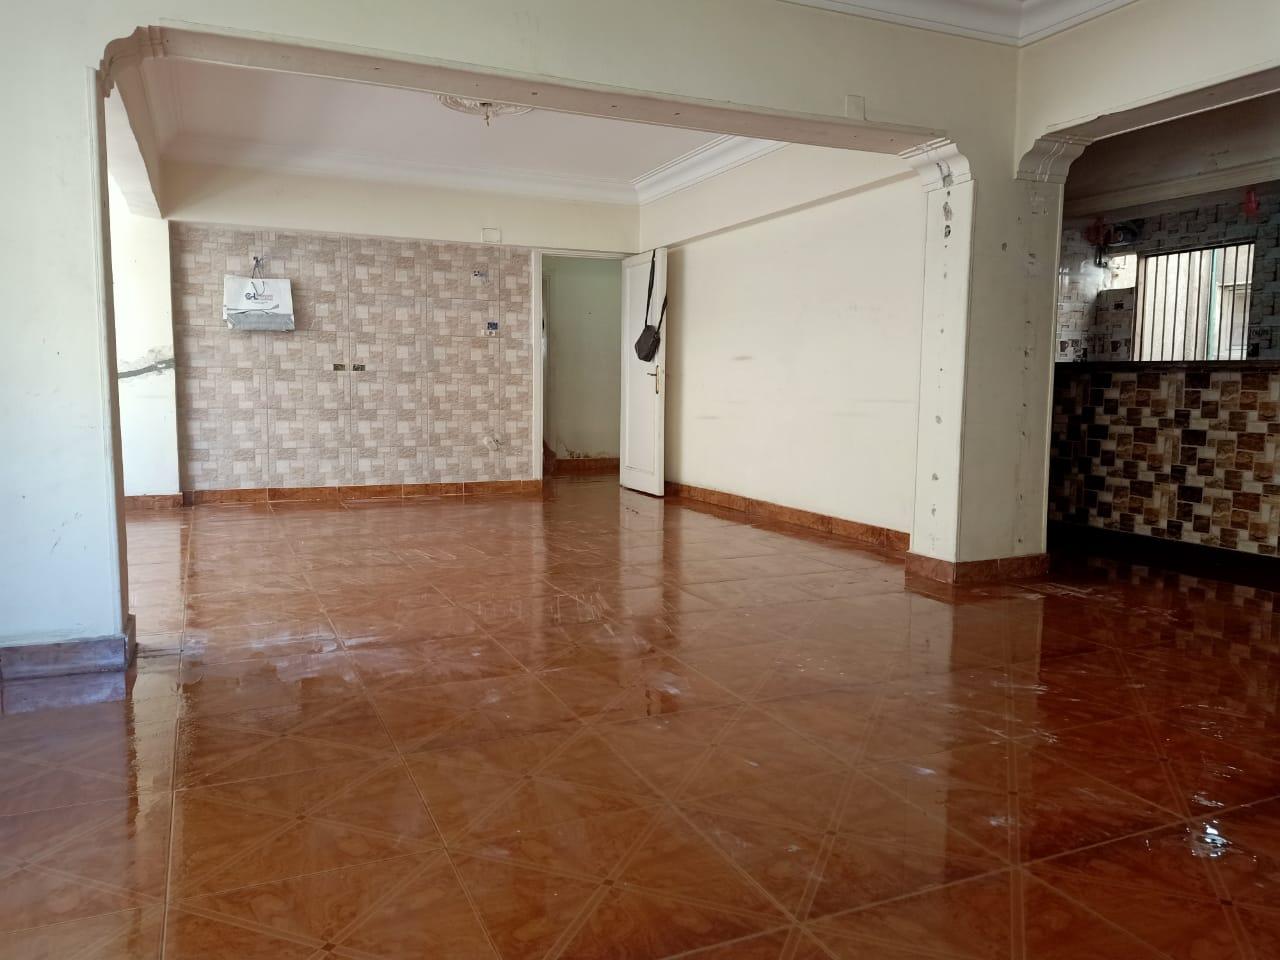 شقق للبيع , شقة للبيع 148م في زهراء المعادي الشارع الرئيسي بعد فودافون